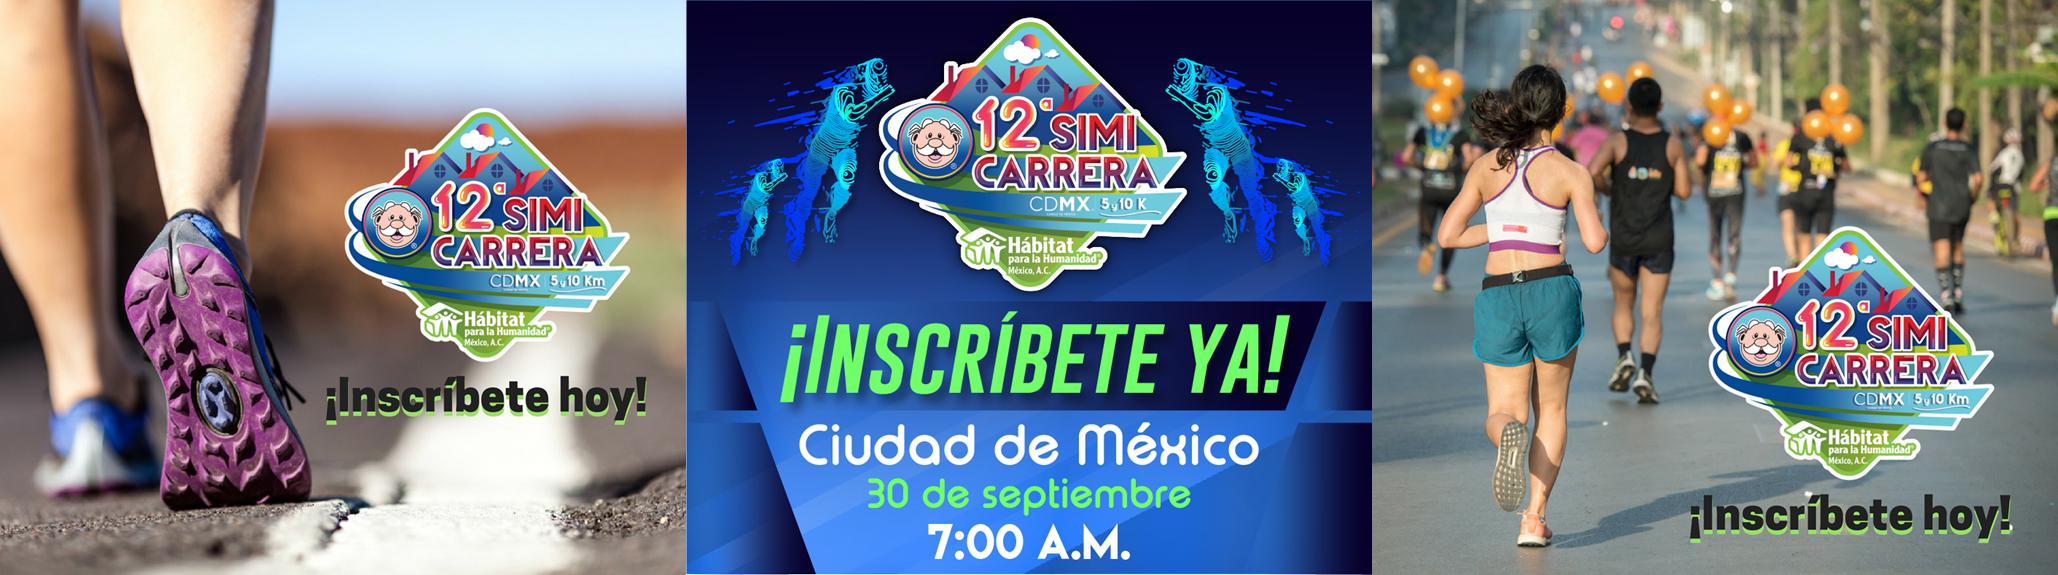 Reconstruyamos hogares y sueños con la 12.a Simicarrera CDMX y Hábitat para la Humanidad México